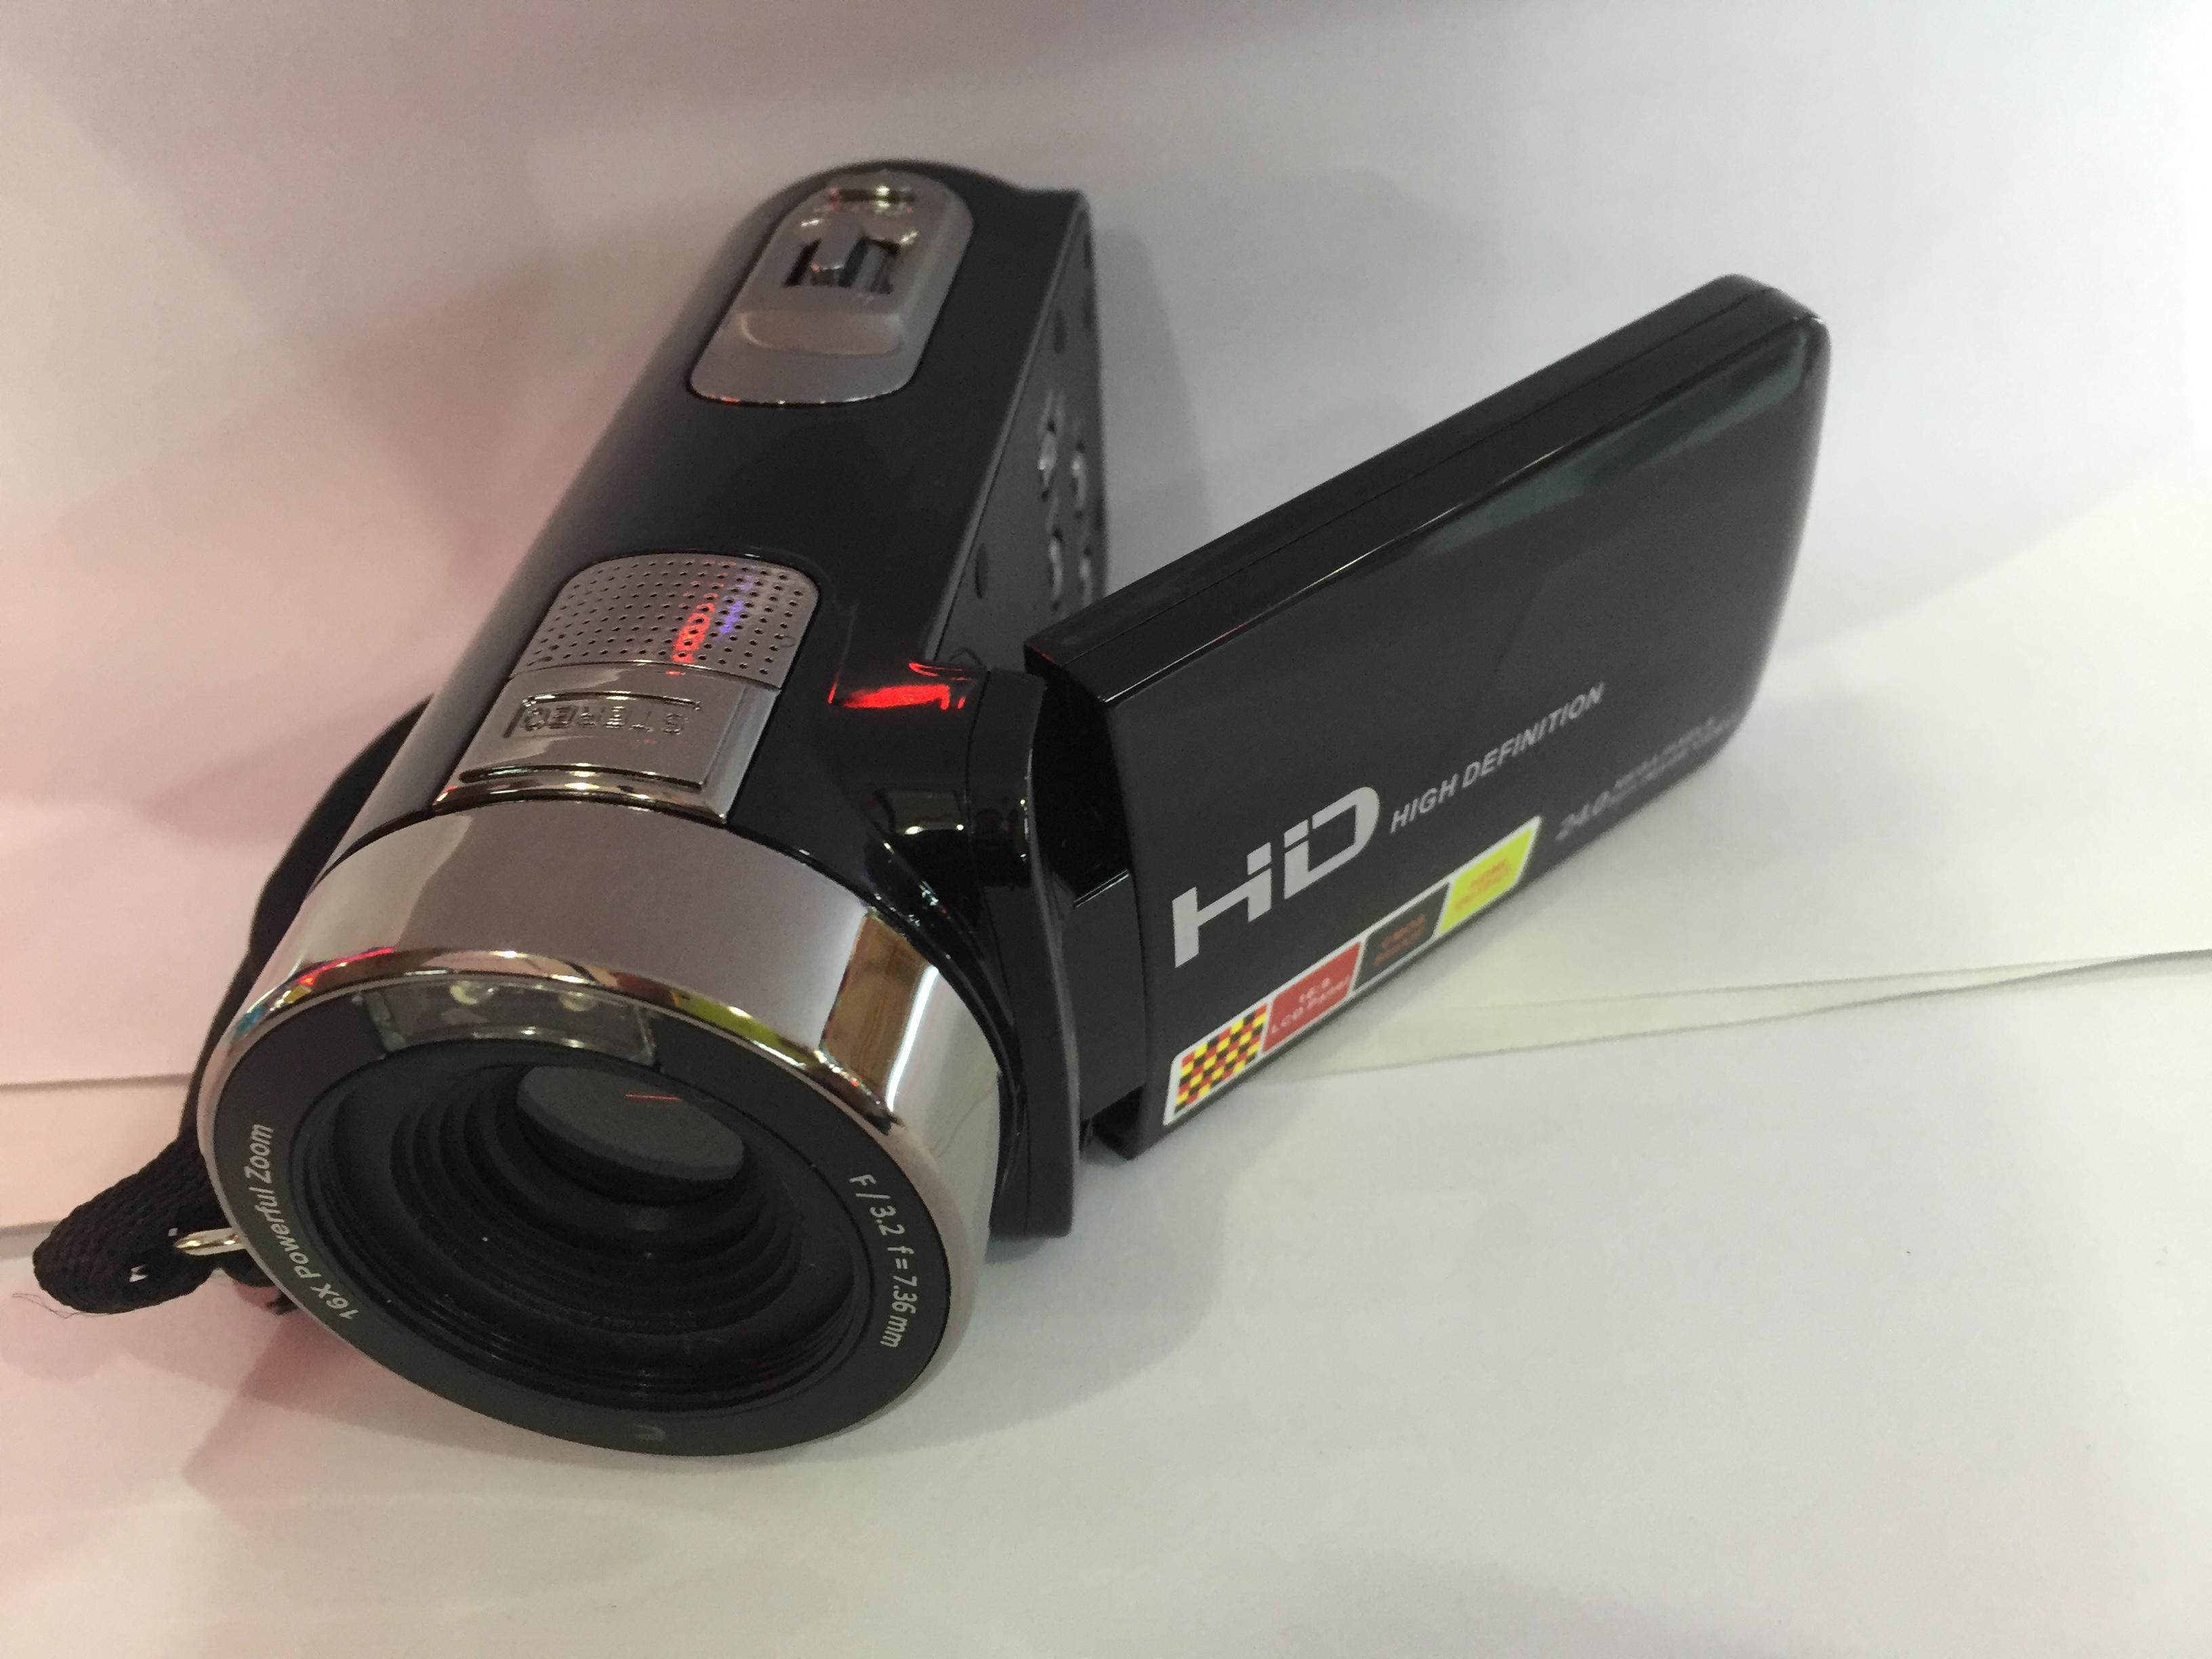 устройство OTHER  Dv 2400 HD-X301